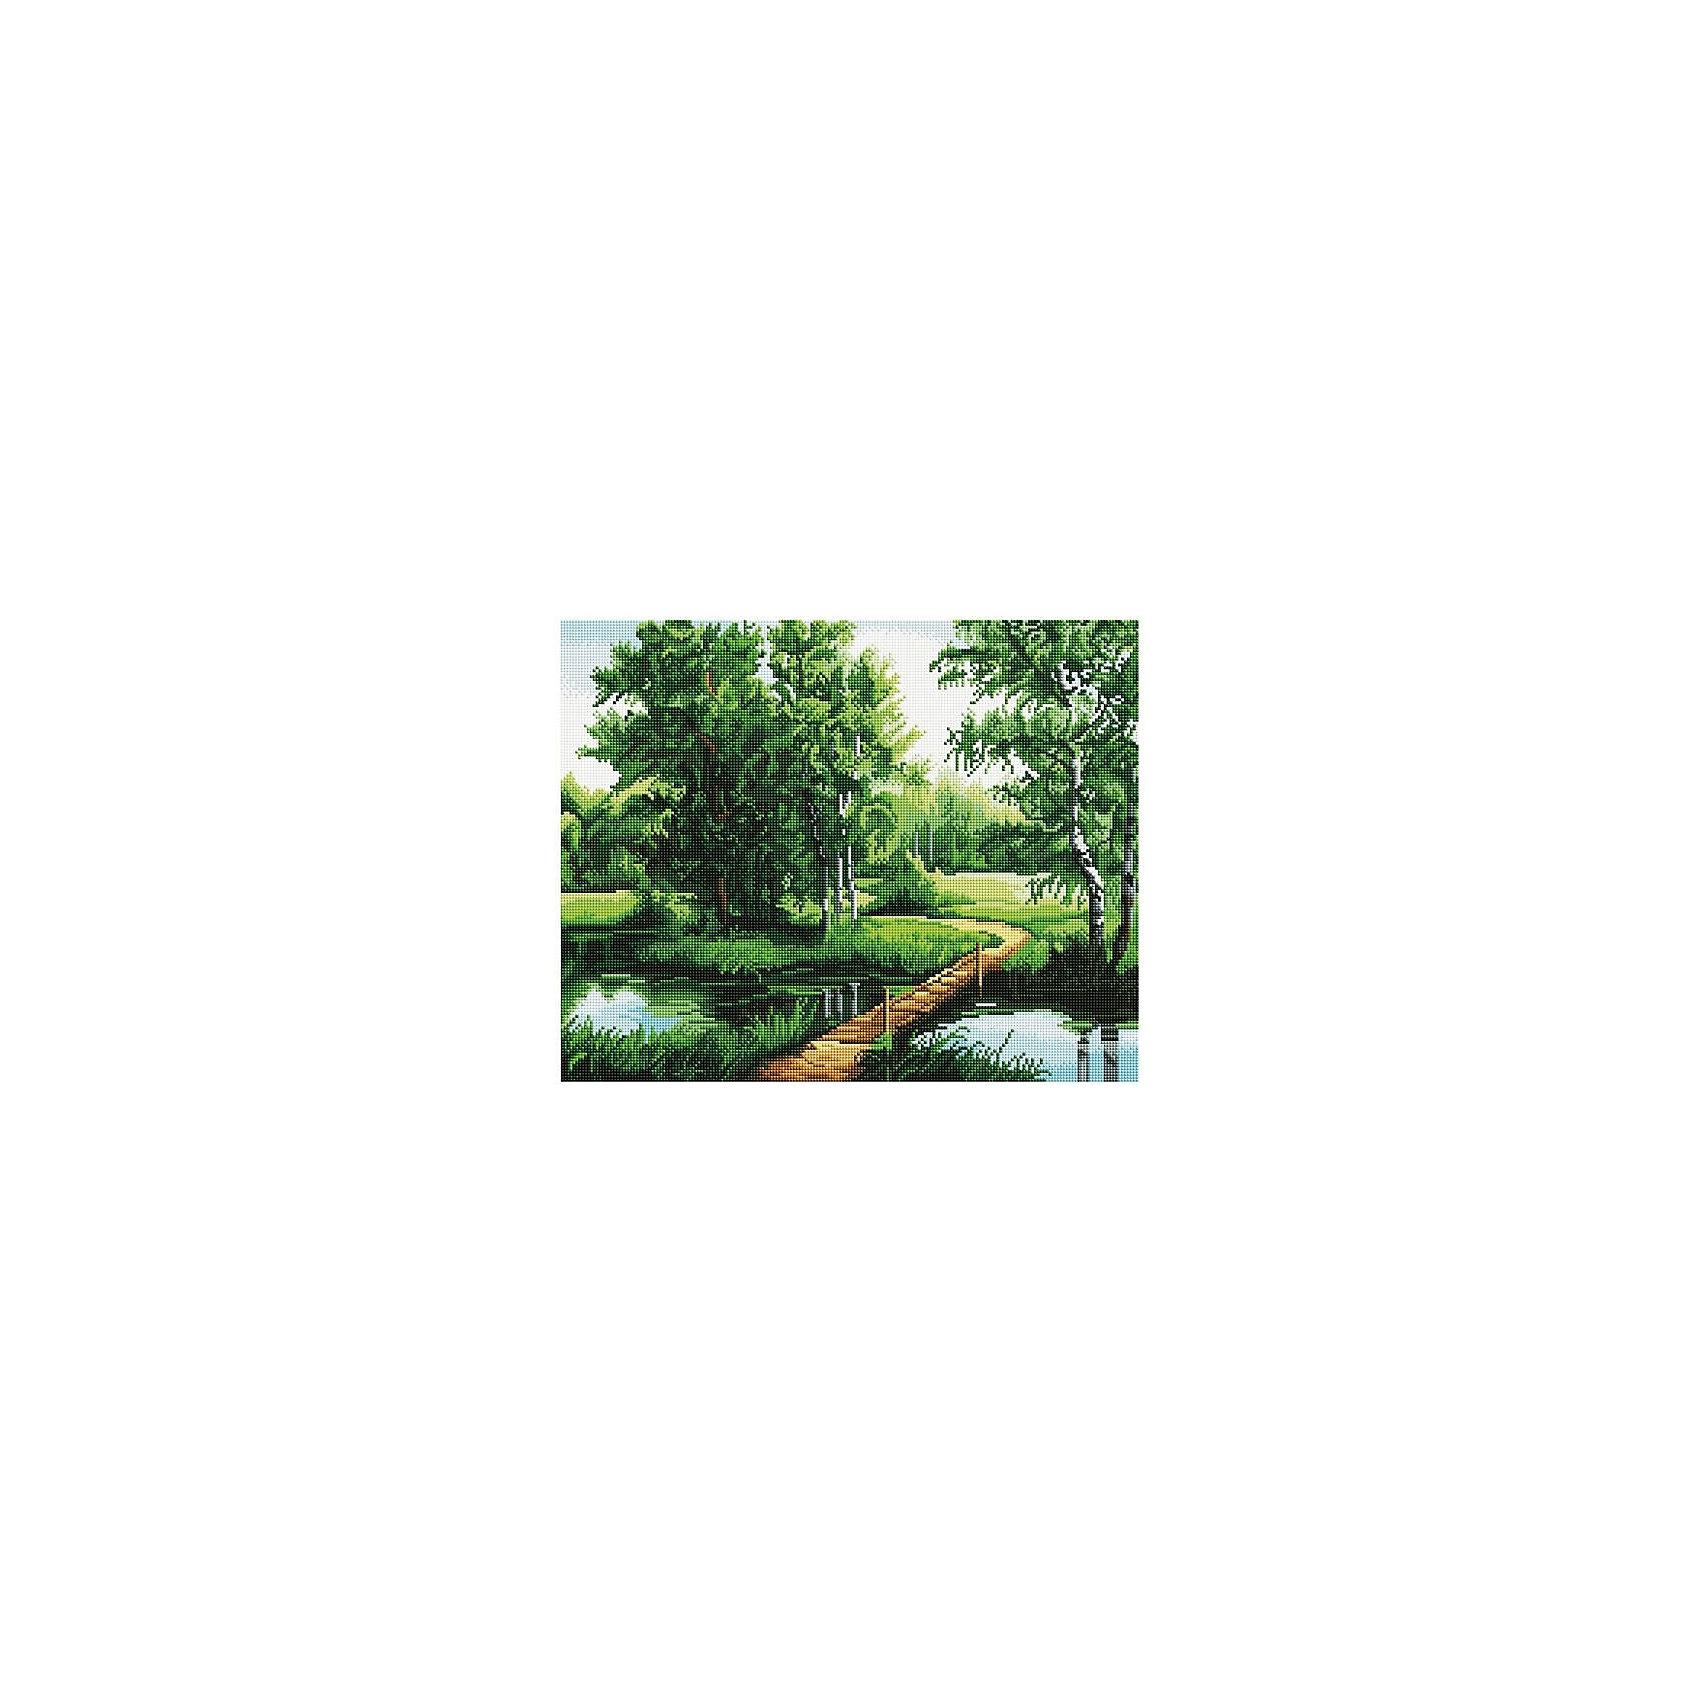 Картина мозаикой Мостик в лесу, 40*50 смМозаика<br>Картина с выкладкой мозаичными круглыми элементами 40*50. На клеевую основу холста, на деревянном подрамнике, с помощью пинцета (или специального карандаша) укладываются мозаика. В комплект входит: картина,схема для выкладки, контейнер для мозаики, карандаш для выкладки, пинцет, клей, крепление на стену. Уровень сложности и количество цветов указаны на коробке картины.<br><br>Ширина мм: 500<br>Глубина мм: 400<br>Высота мм: 40<br>Вес г: 1530<br>Возраст от месяцев: 108<br>Возраст до месяцев: 2147483647<br>Пол: Унисекс<br>Возраст: Детский<br>SKU: 5417714